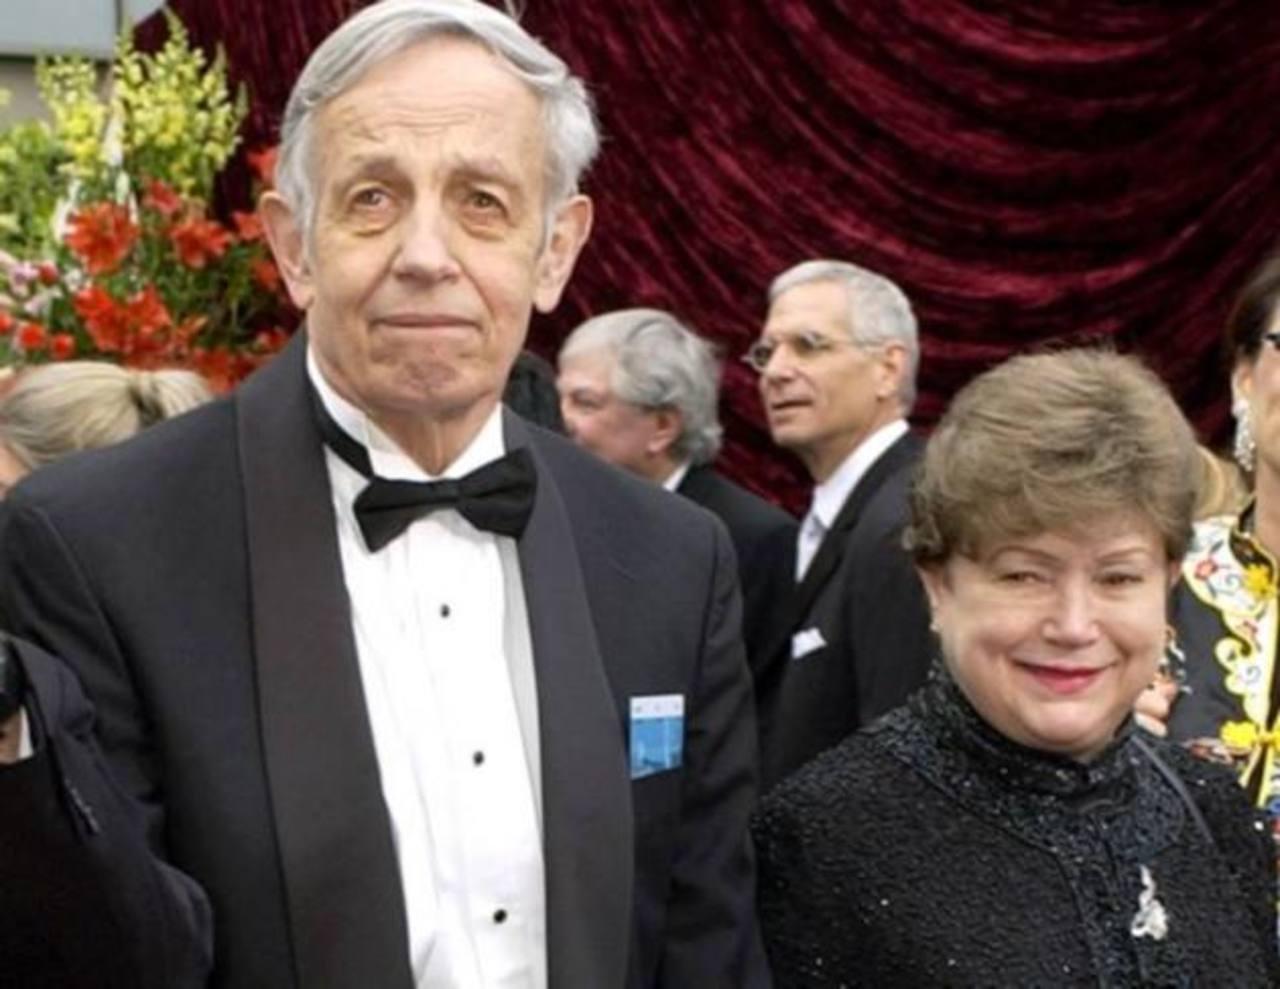 El 24 de marzo de 2002 asistieron a la entrega de premios Óscar. /